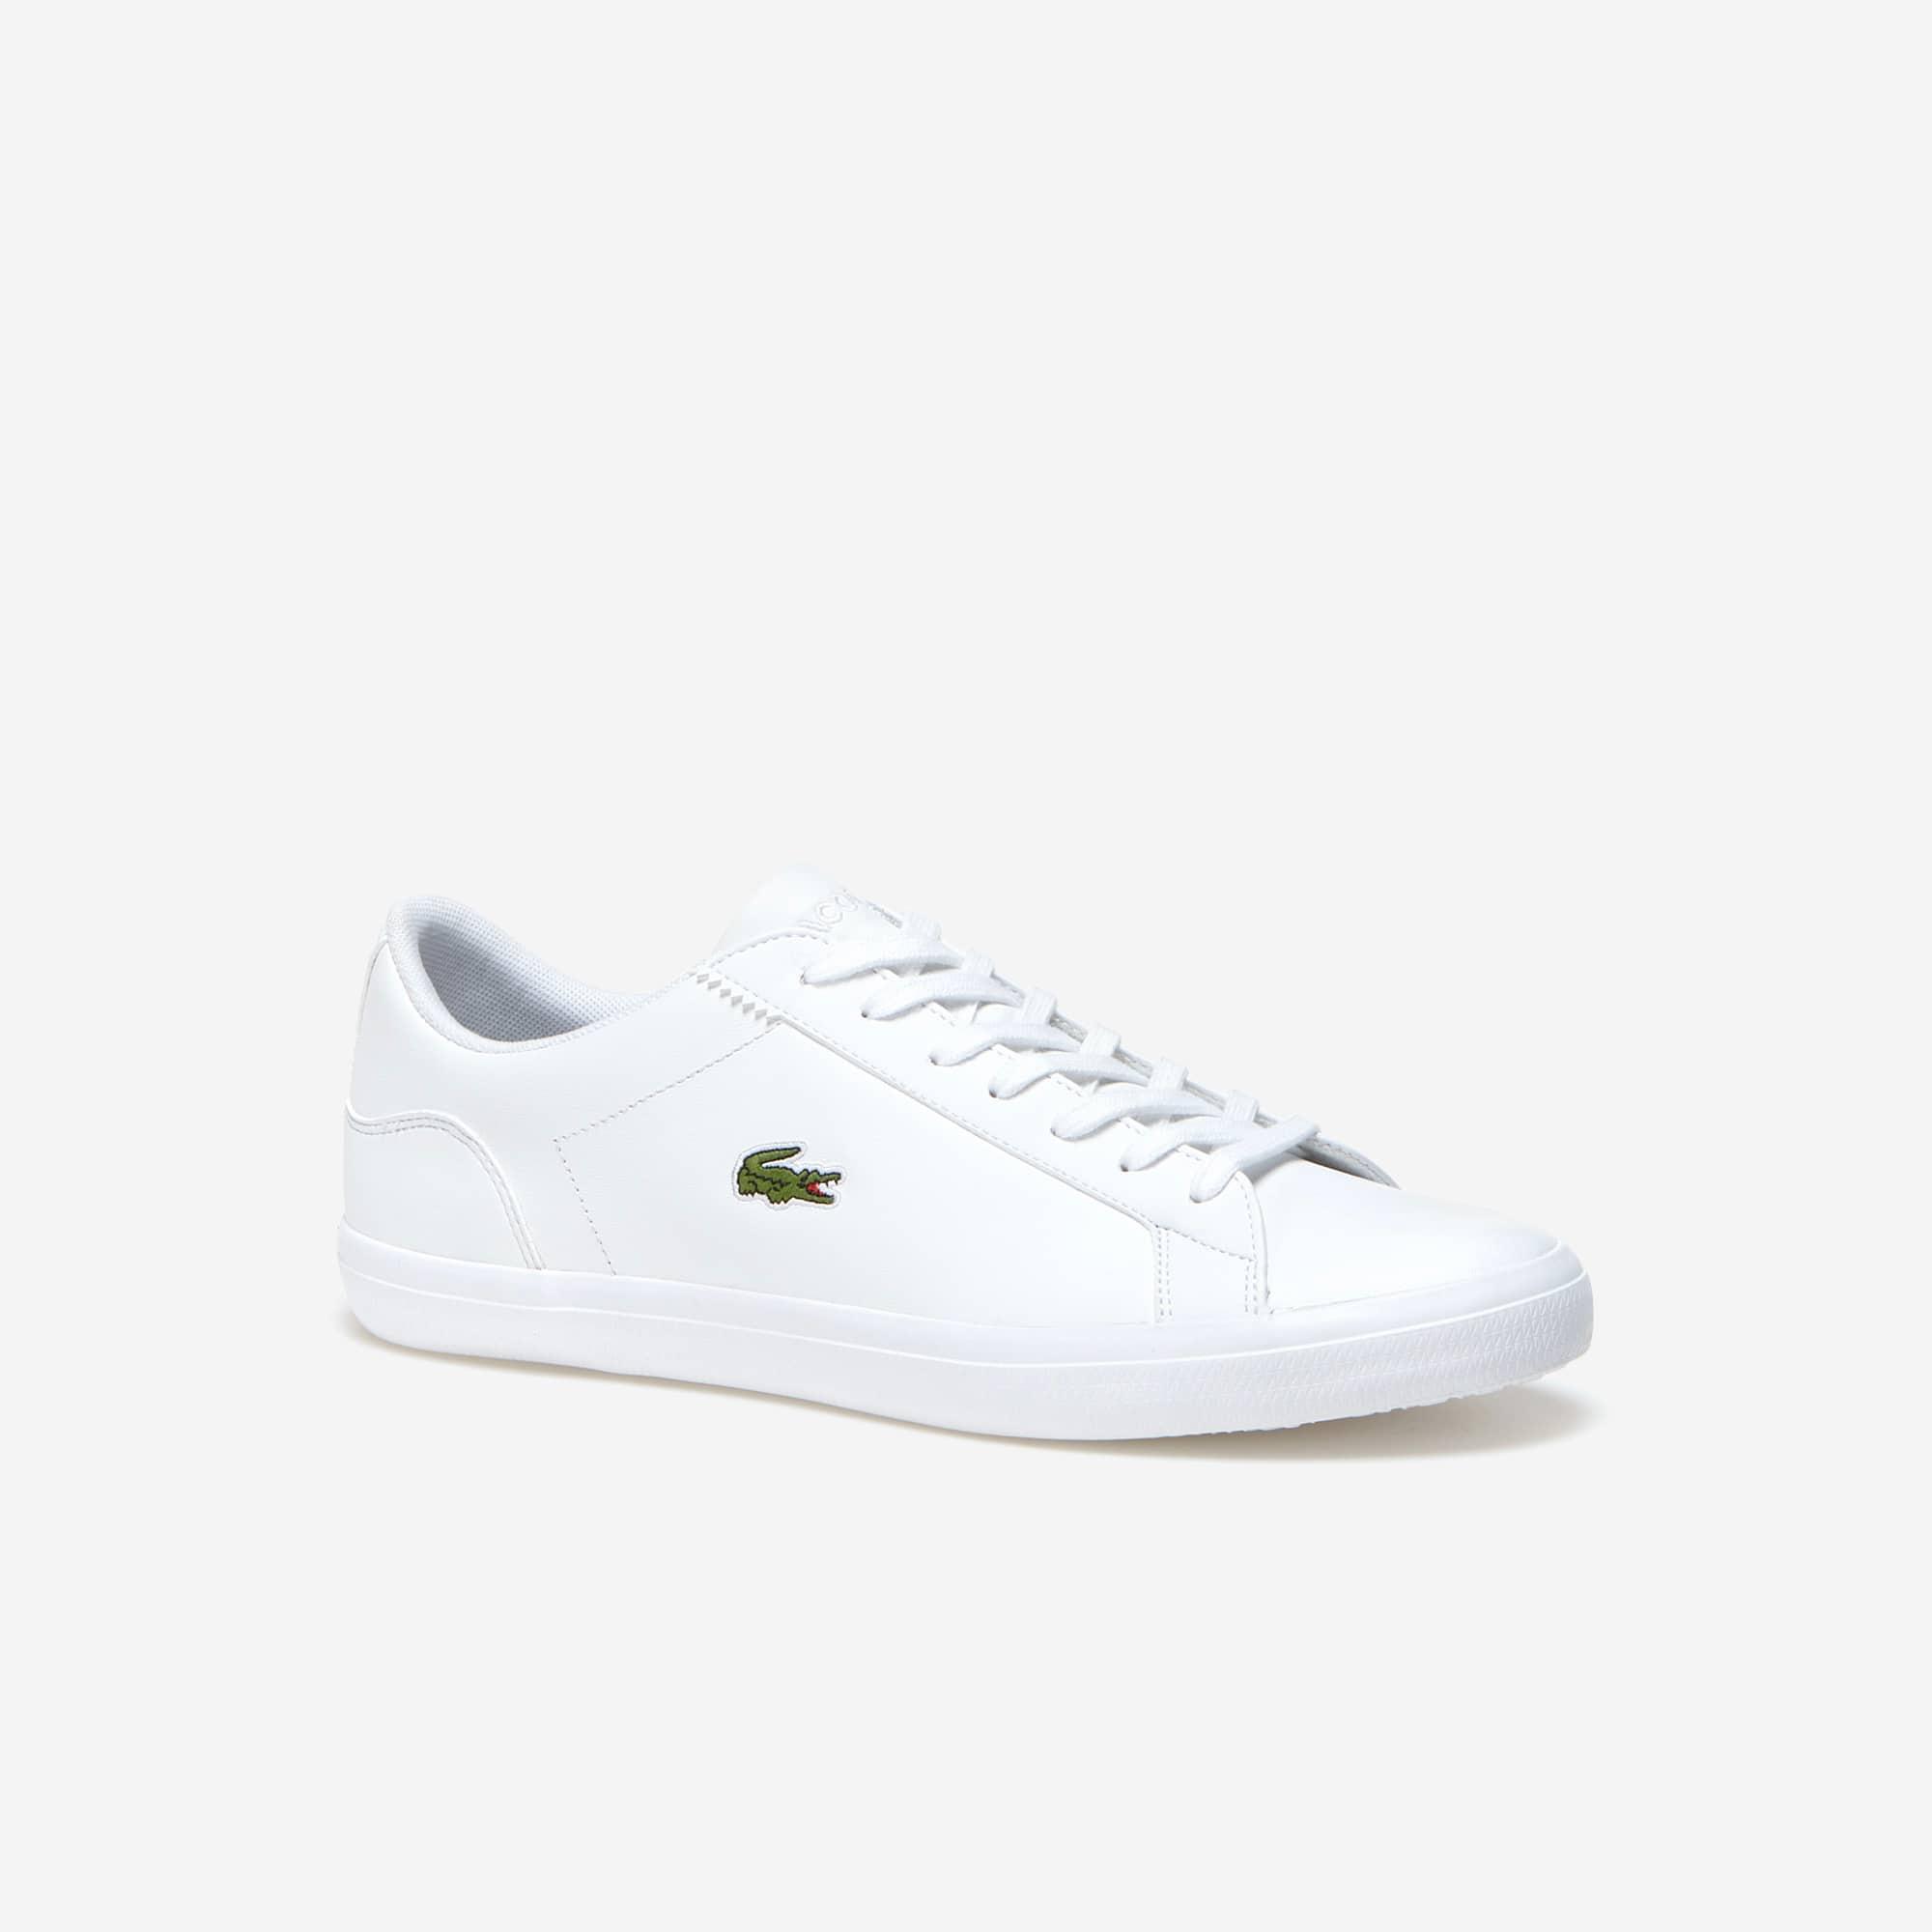 Lacoste Chaussures LEROND 2 Lacoste Footlocker Vente En Ligne Finishline  Magasin De Sortie De Dégagement Rouge 93b2fed303b